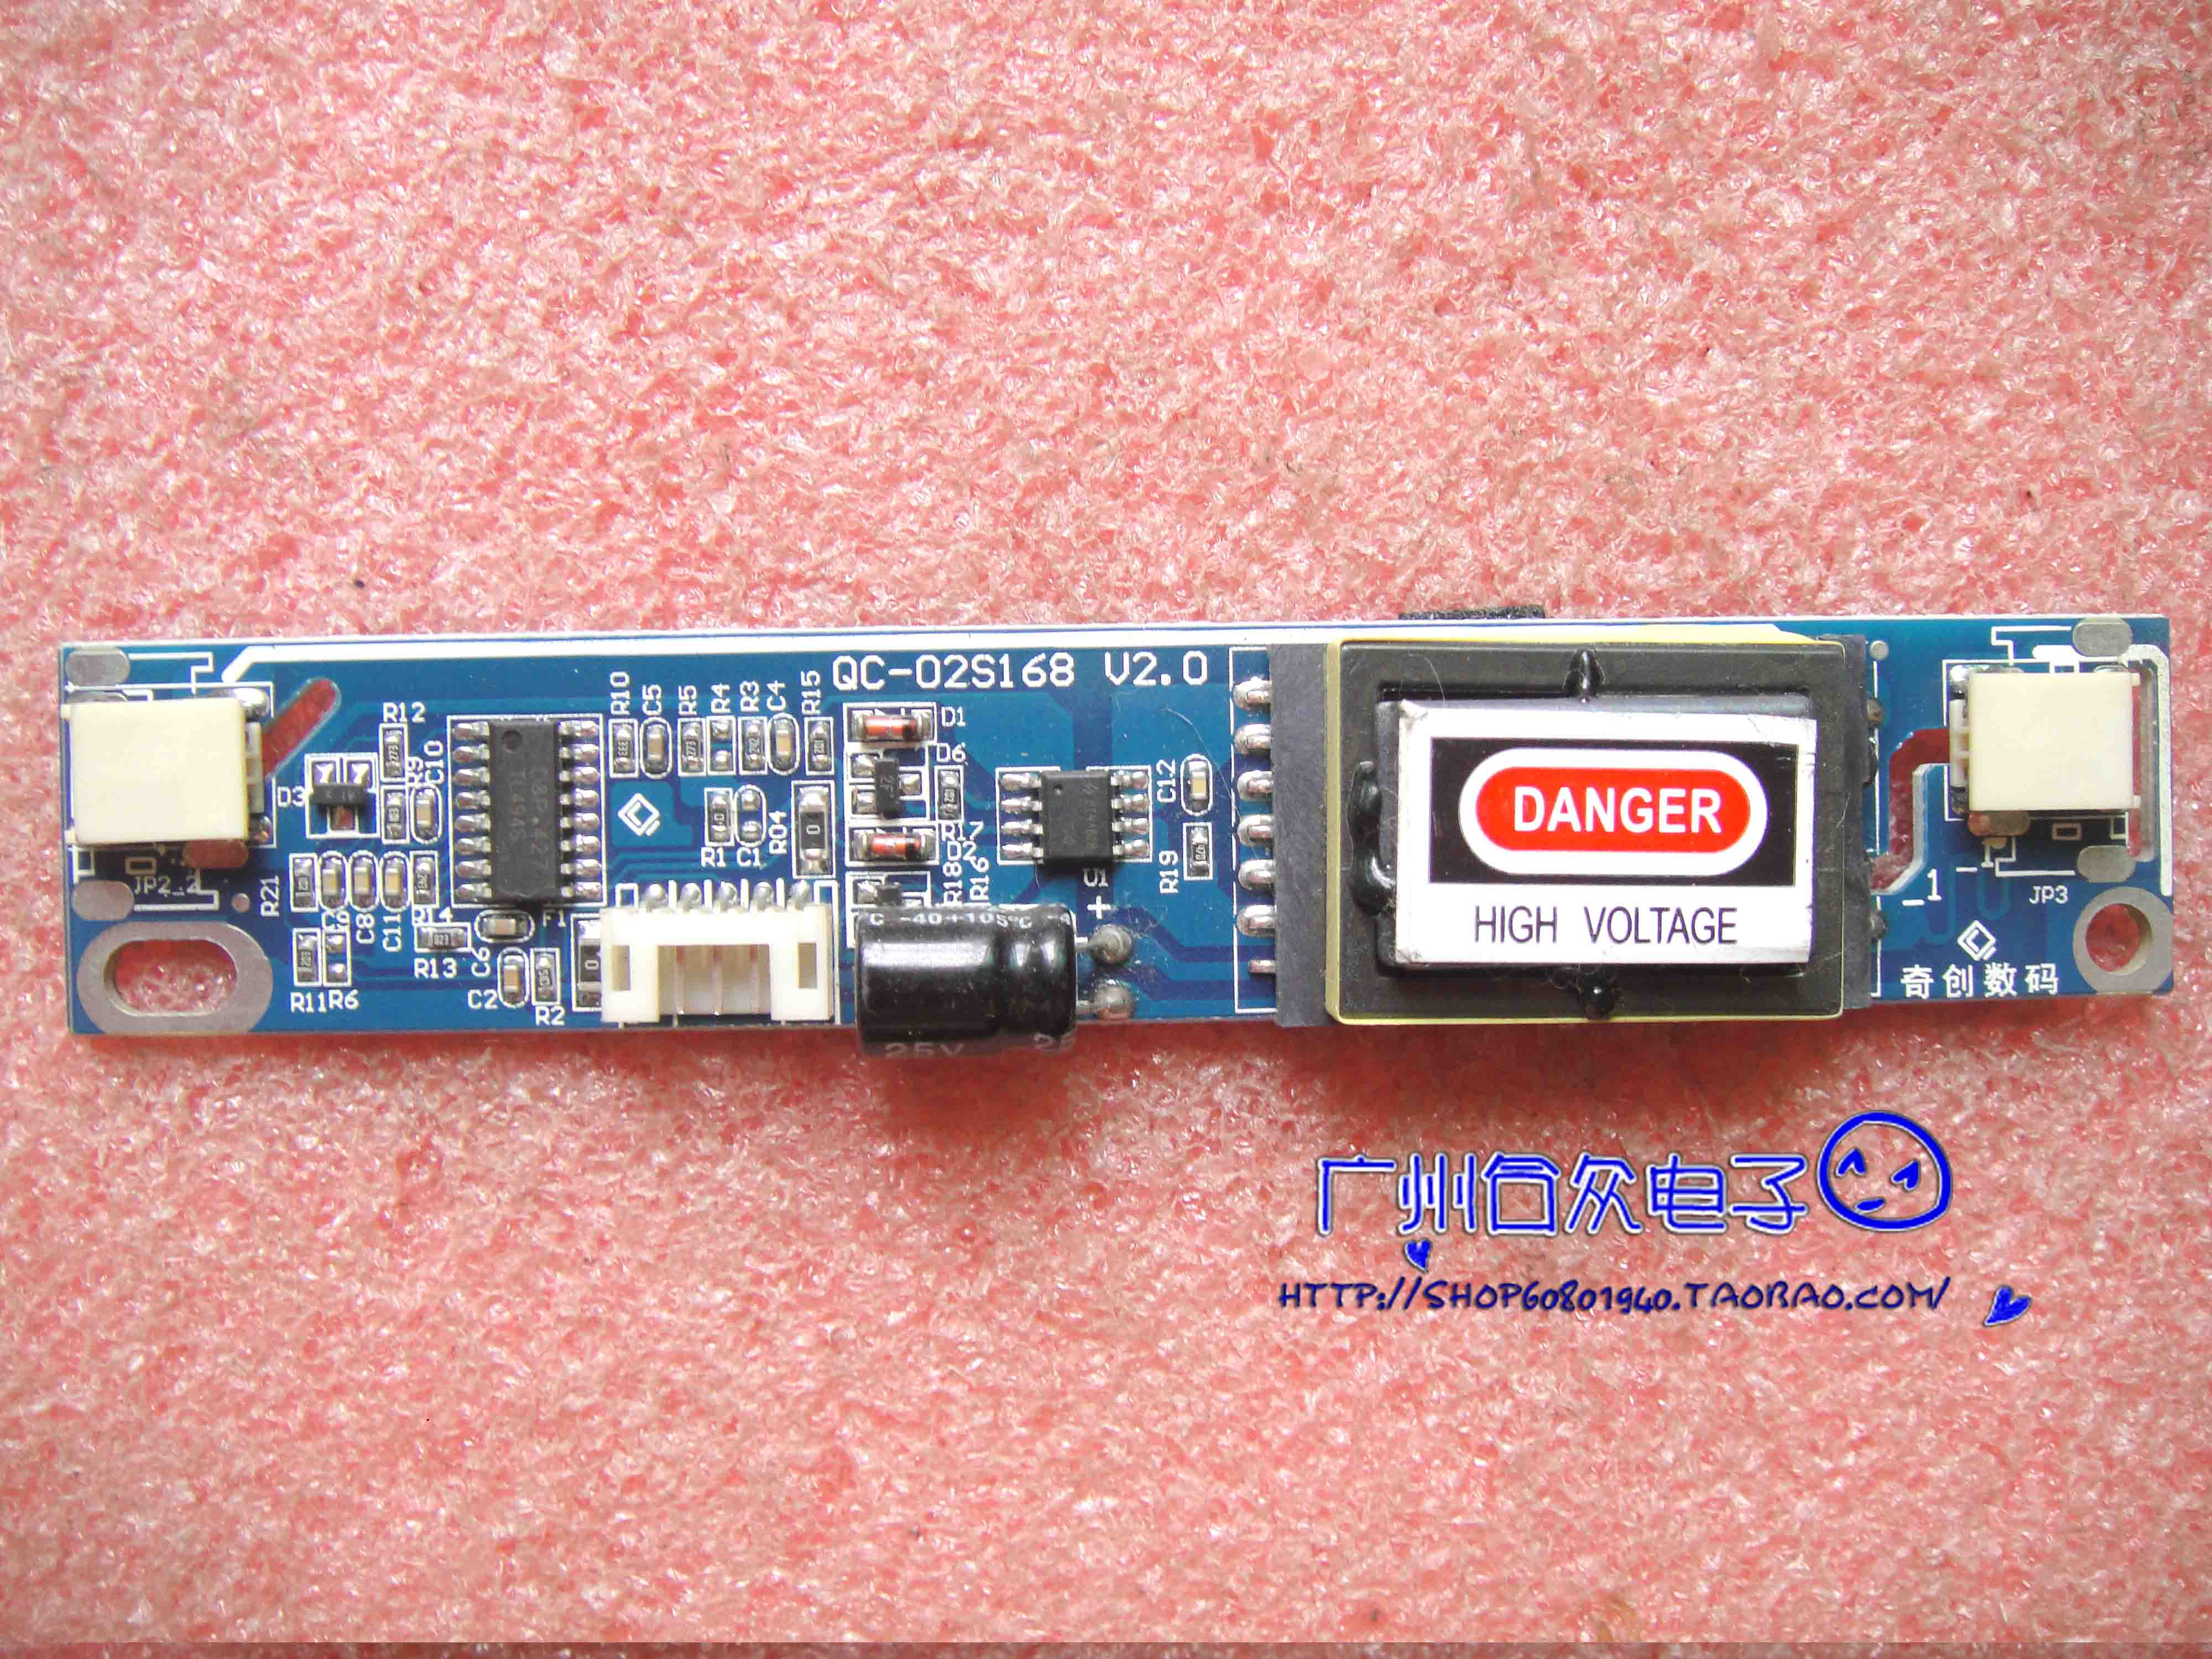 QC-02S168, doble lámpara, boca pequeña, 2 lámparas de alta presión, boca pequeña, pantalla de 10 -- 23 pulgadas